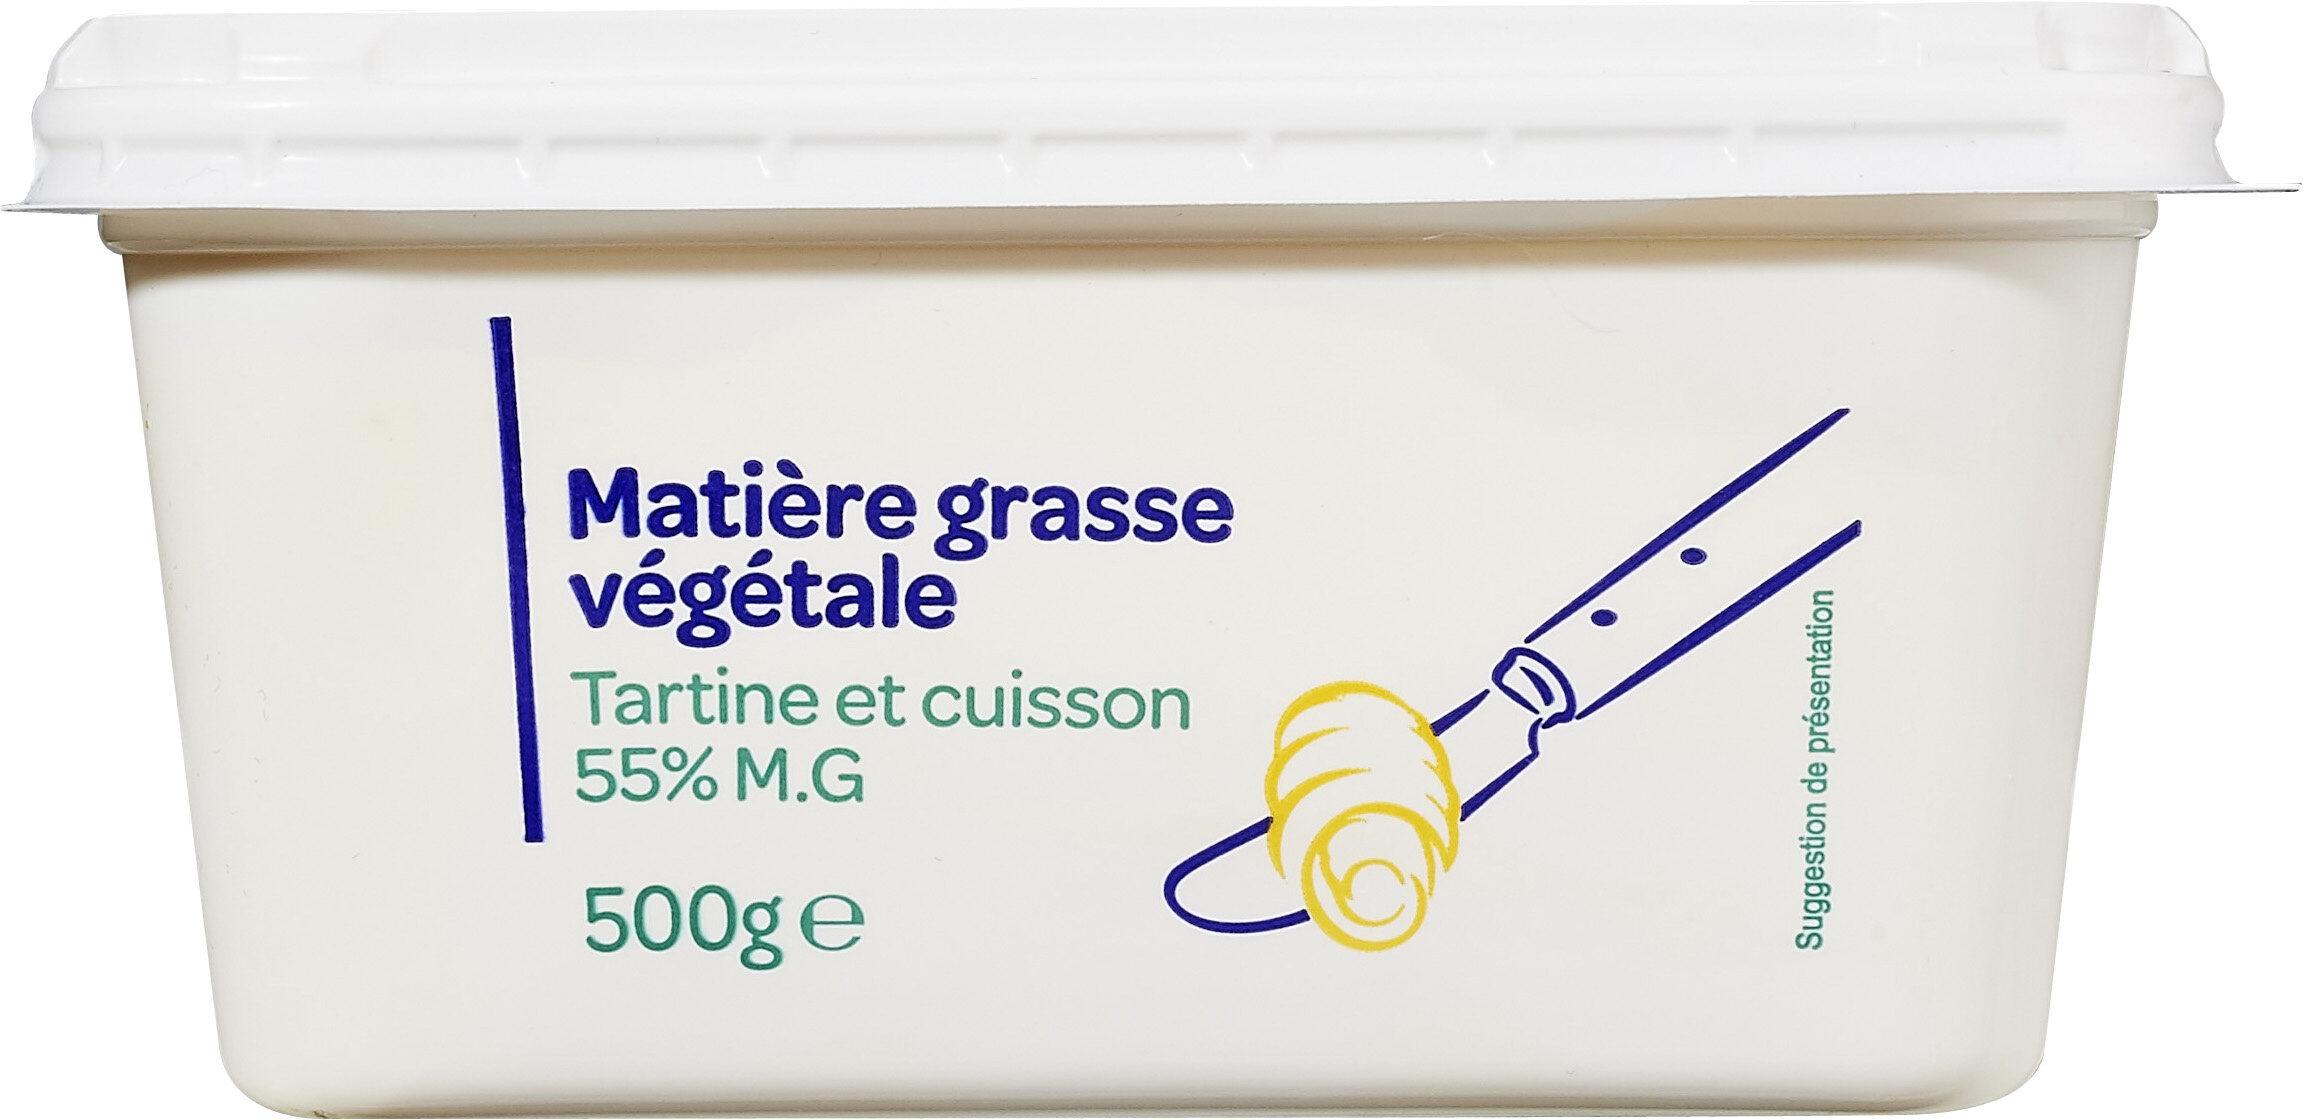 Matière grasse végétale - Prodotto - fr